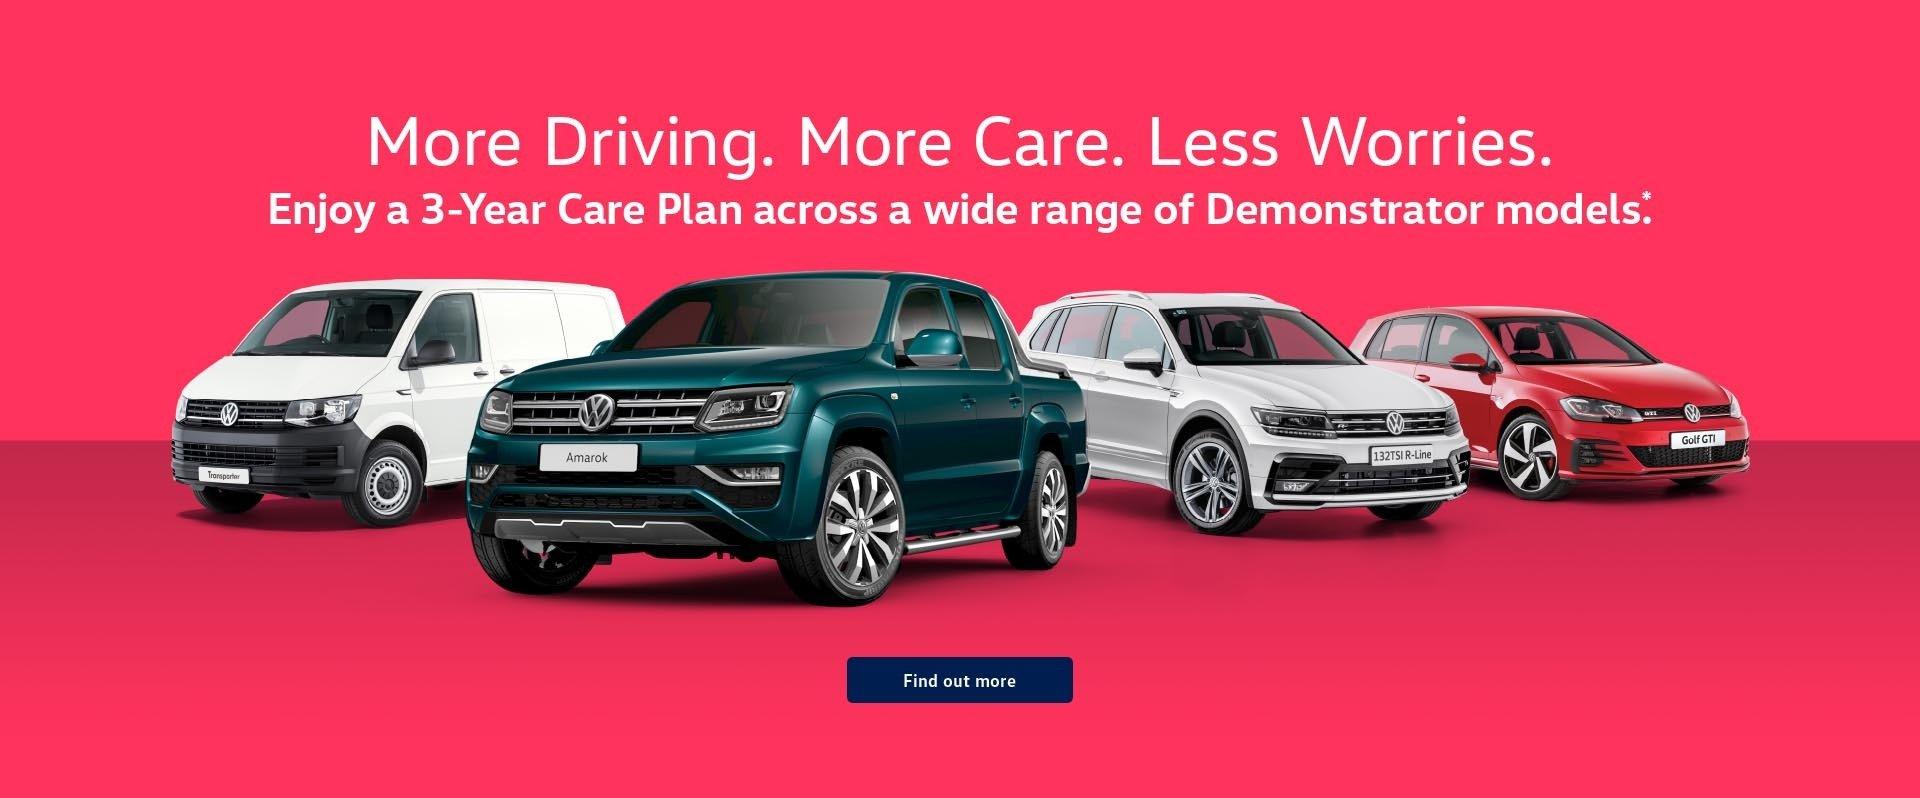 Denlo Volkswagen - 3 Year Care Plans